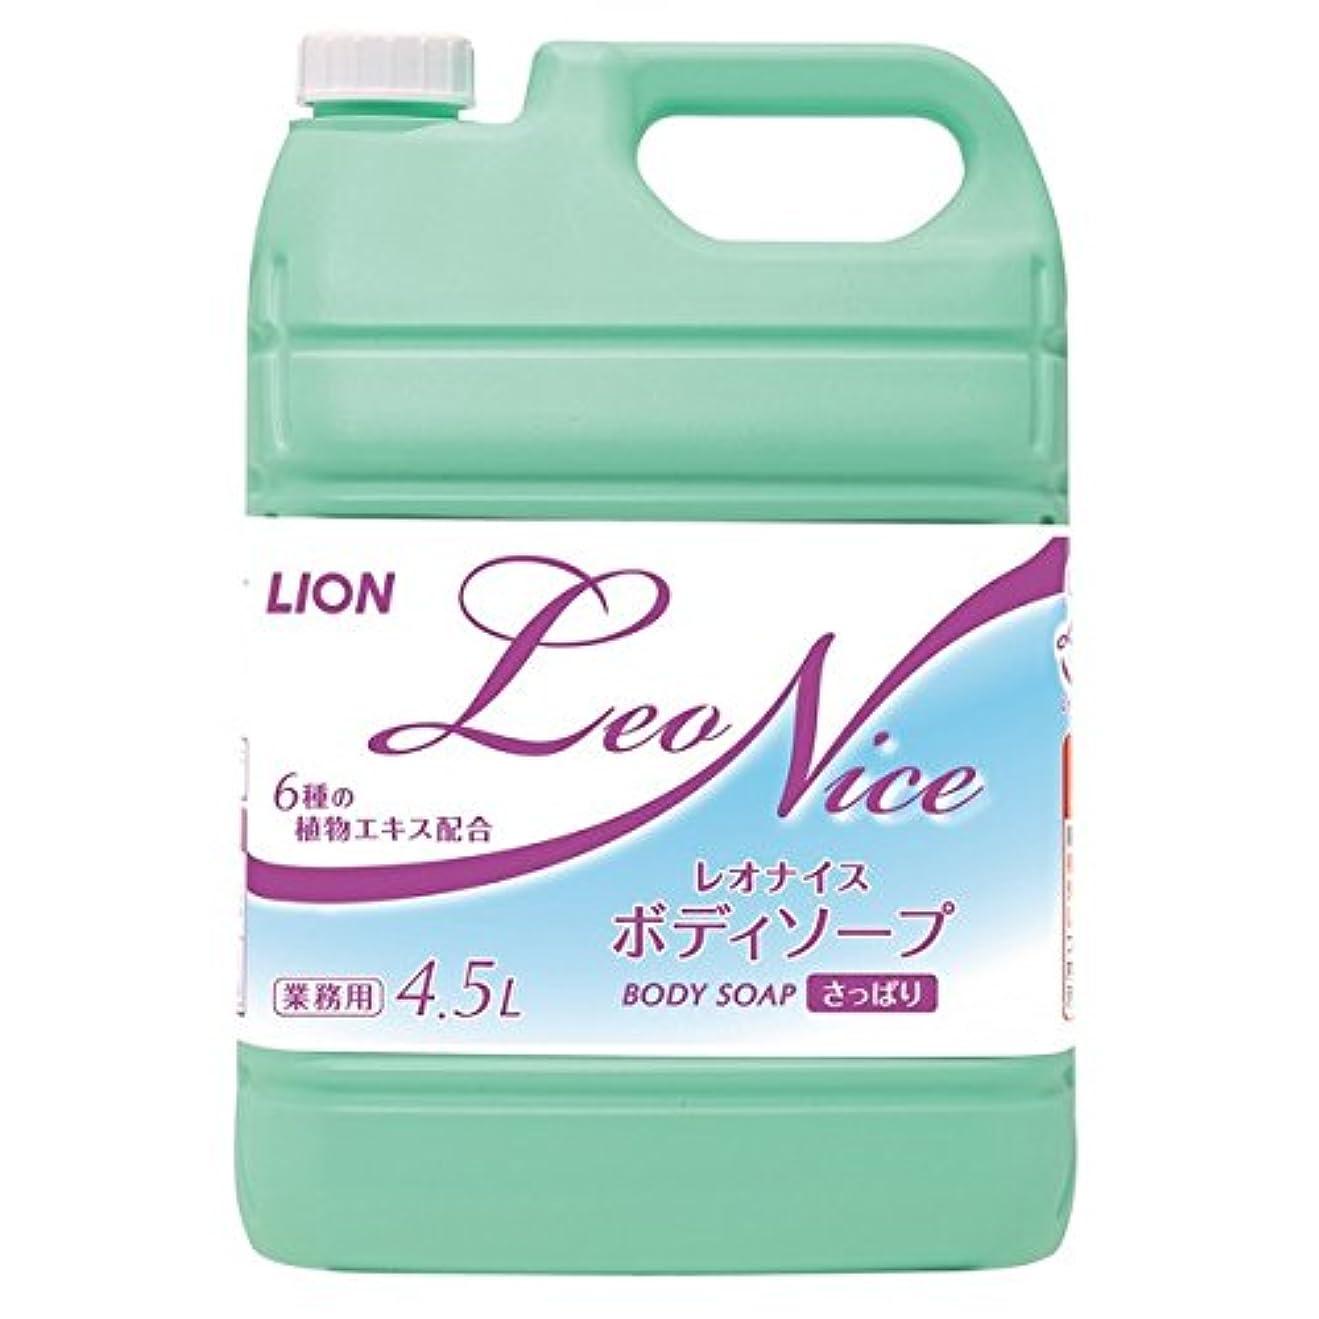 不良品豆腐偽善ライオン レオナイス さっぱりボディソープ 4.5L×3本入